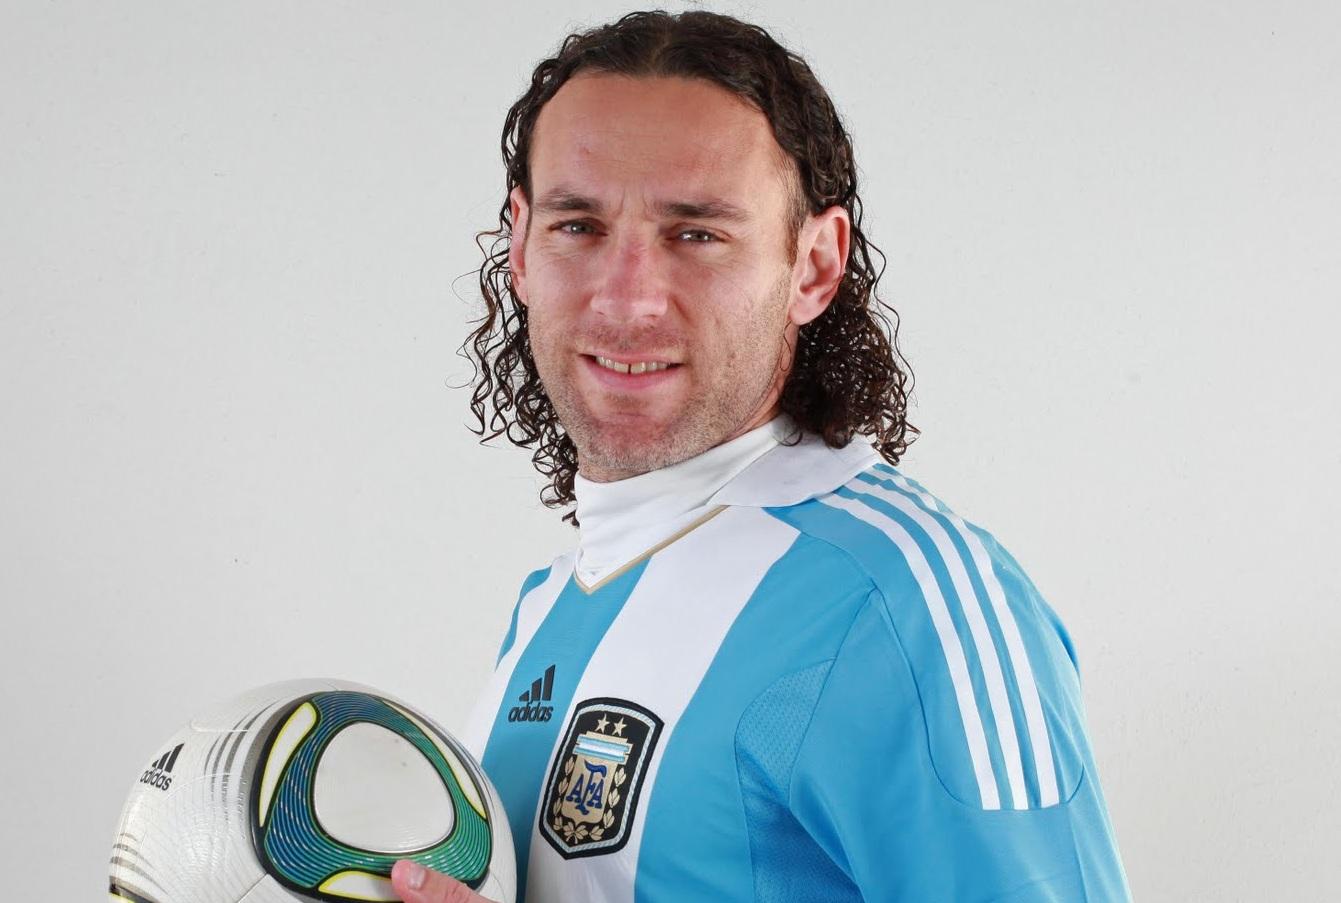 Символическая сборная Аргентины пятнадцатилетия из самых рейтинговых игроков серии FIFA 06-21